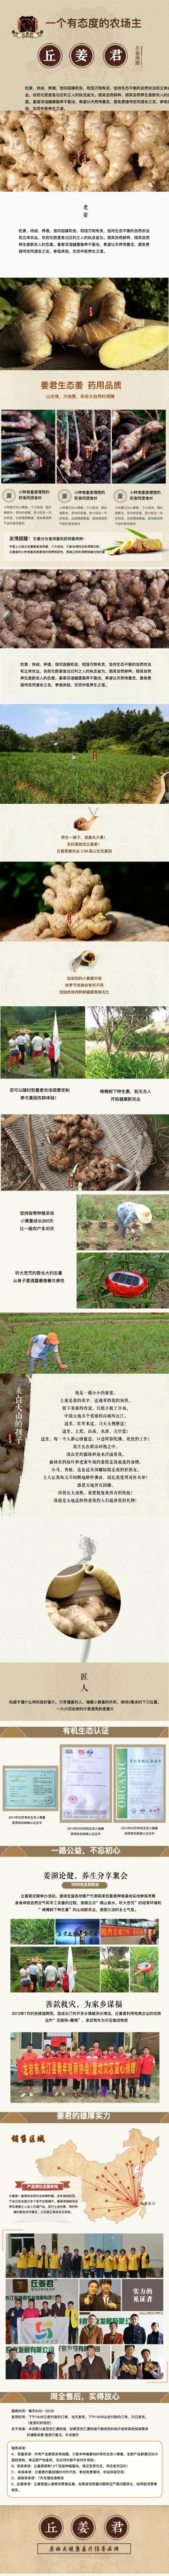 橙色中国风自然药食两用姜电商详情图